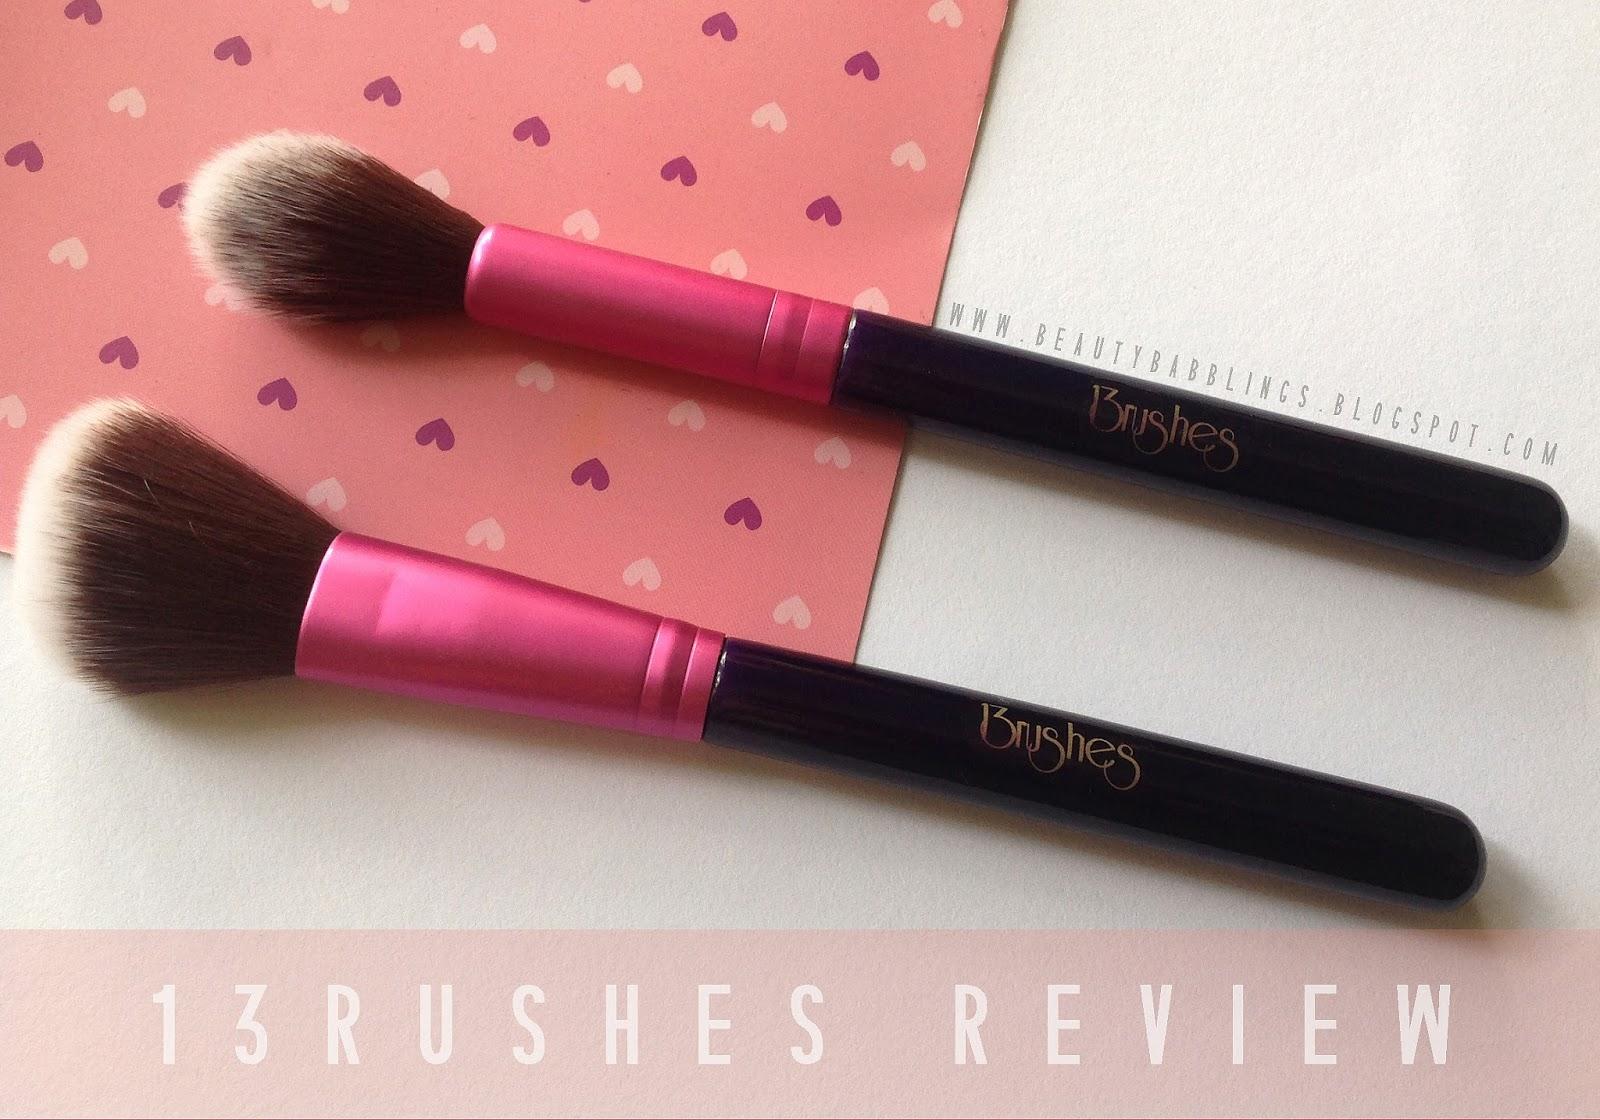 13rushes Round Cheek Brush and Angled Cheek Brush review